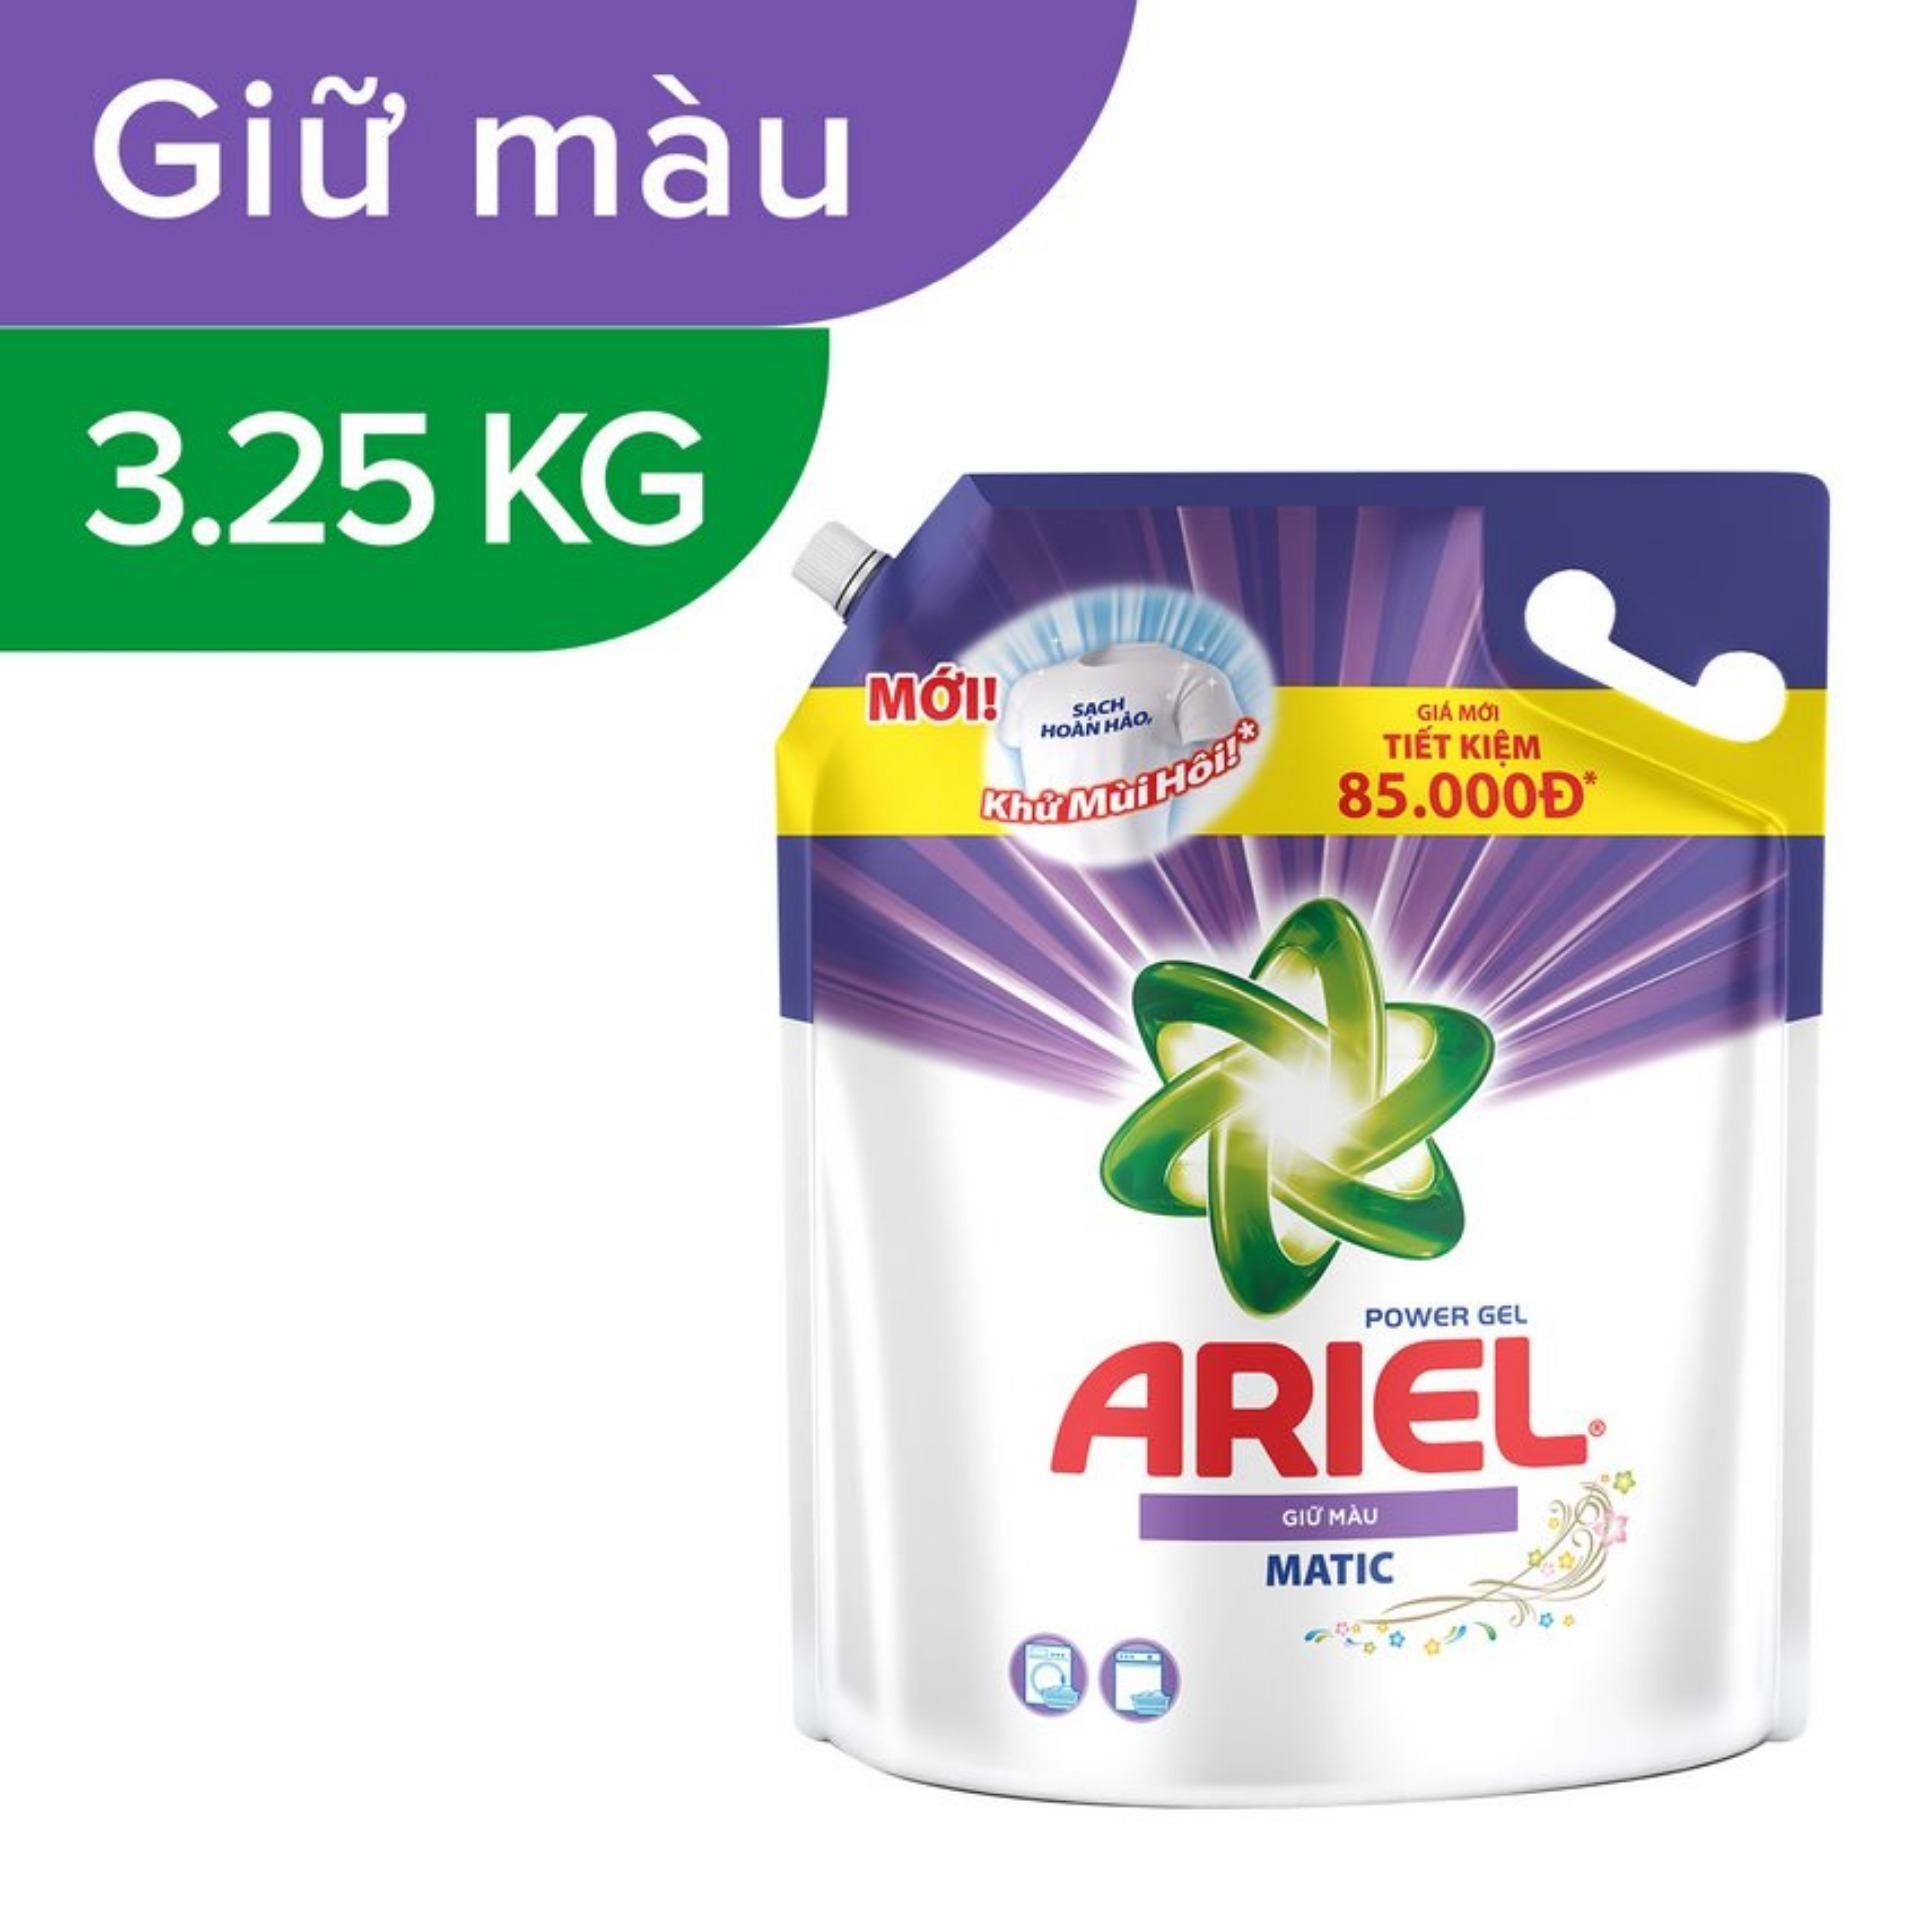 Nước Giặt Ariel Giữ Màu Túi 3.25kg - 4902430849357